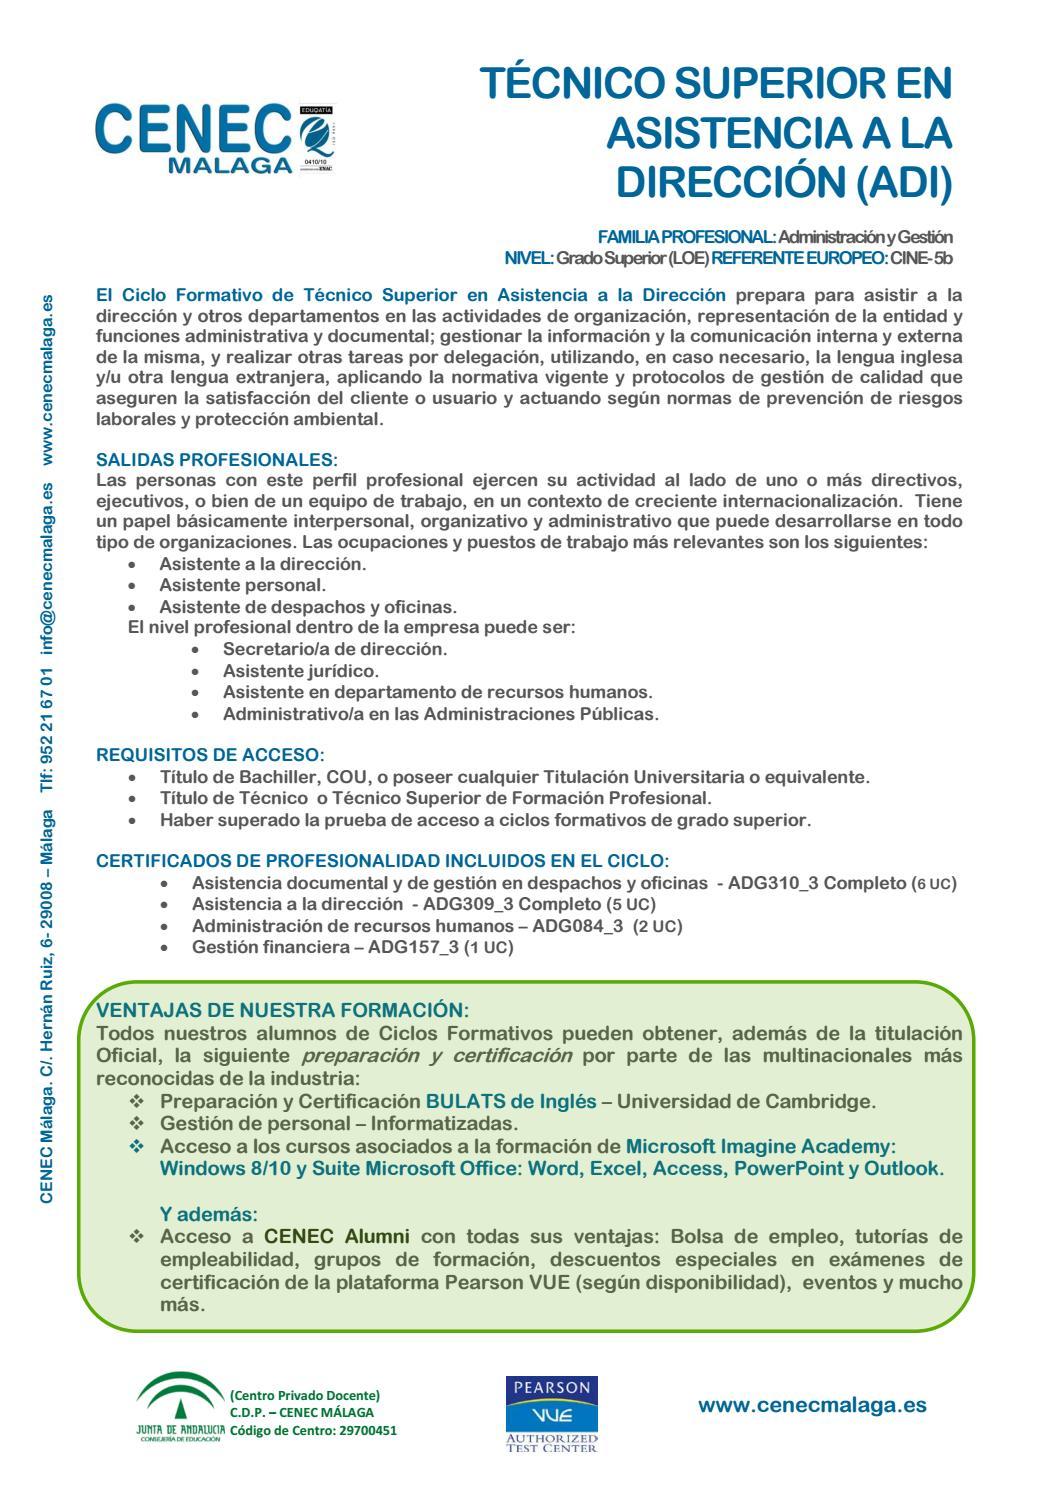 Adi Asistencia A La Direccion 2016 17 By Cenec Málaga Issuu